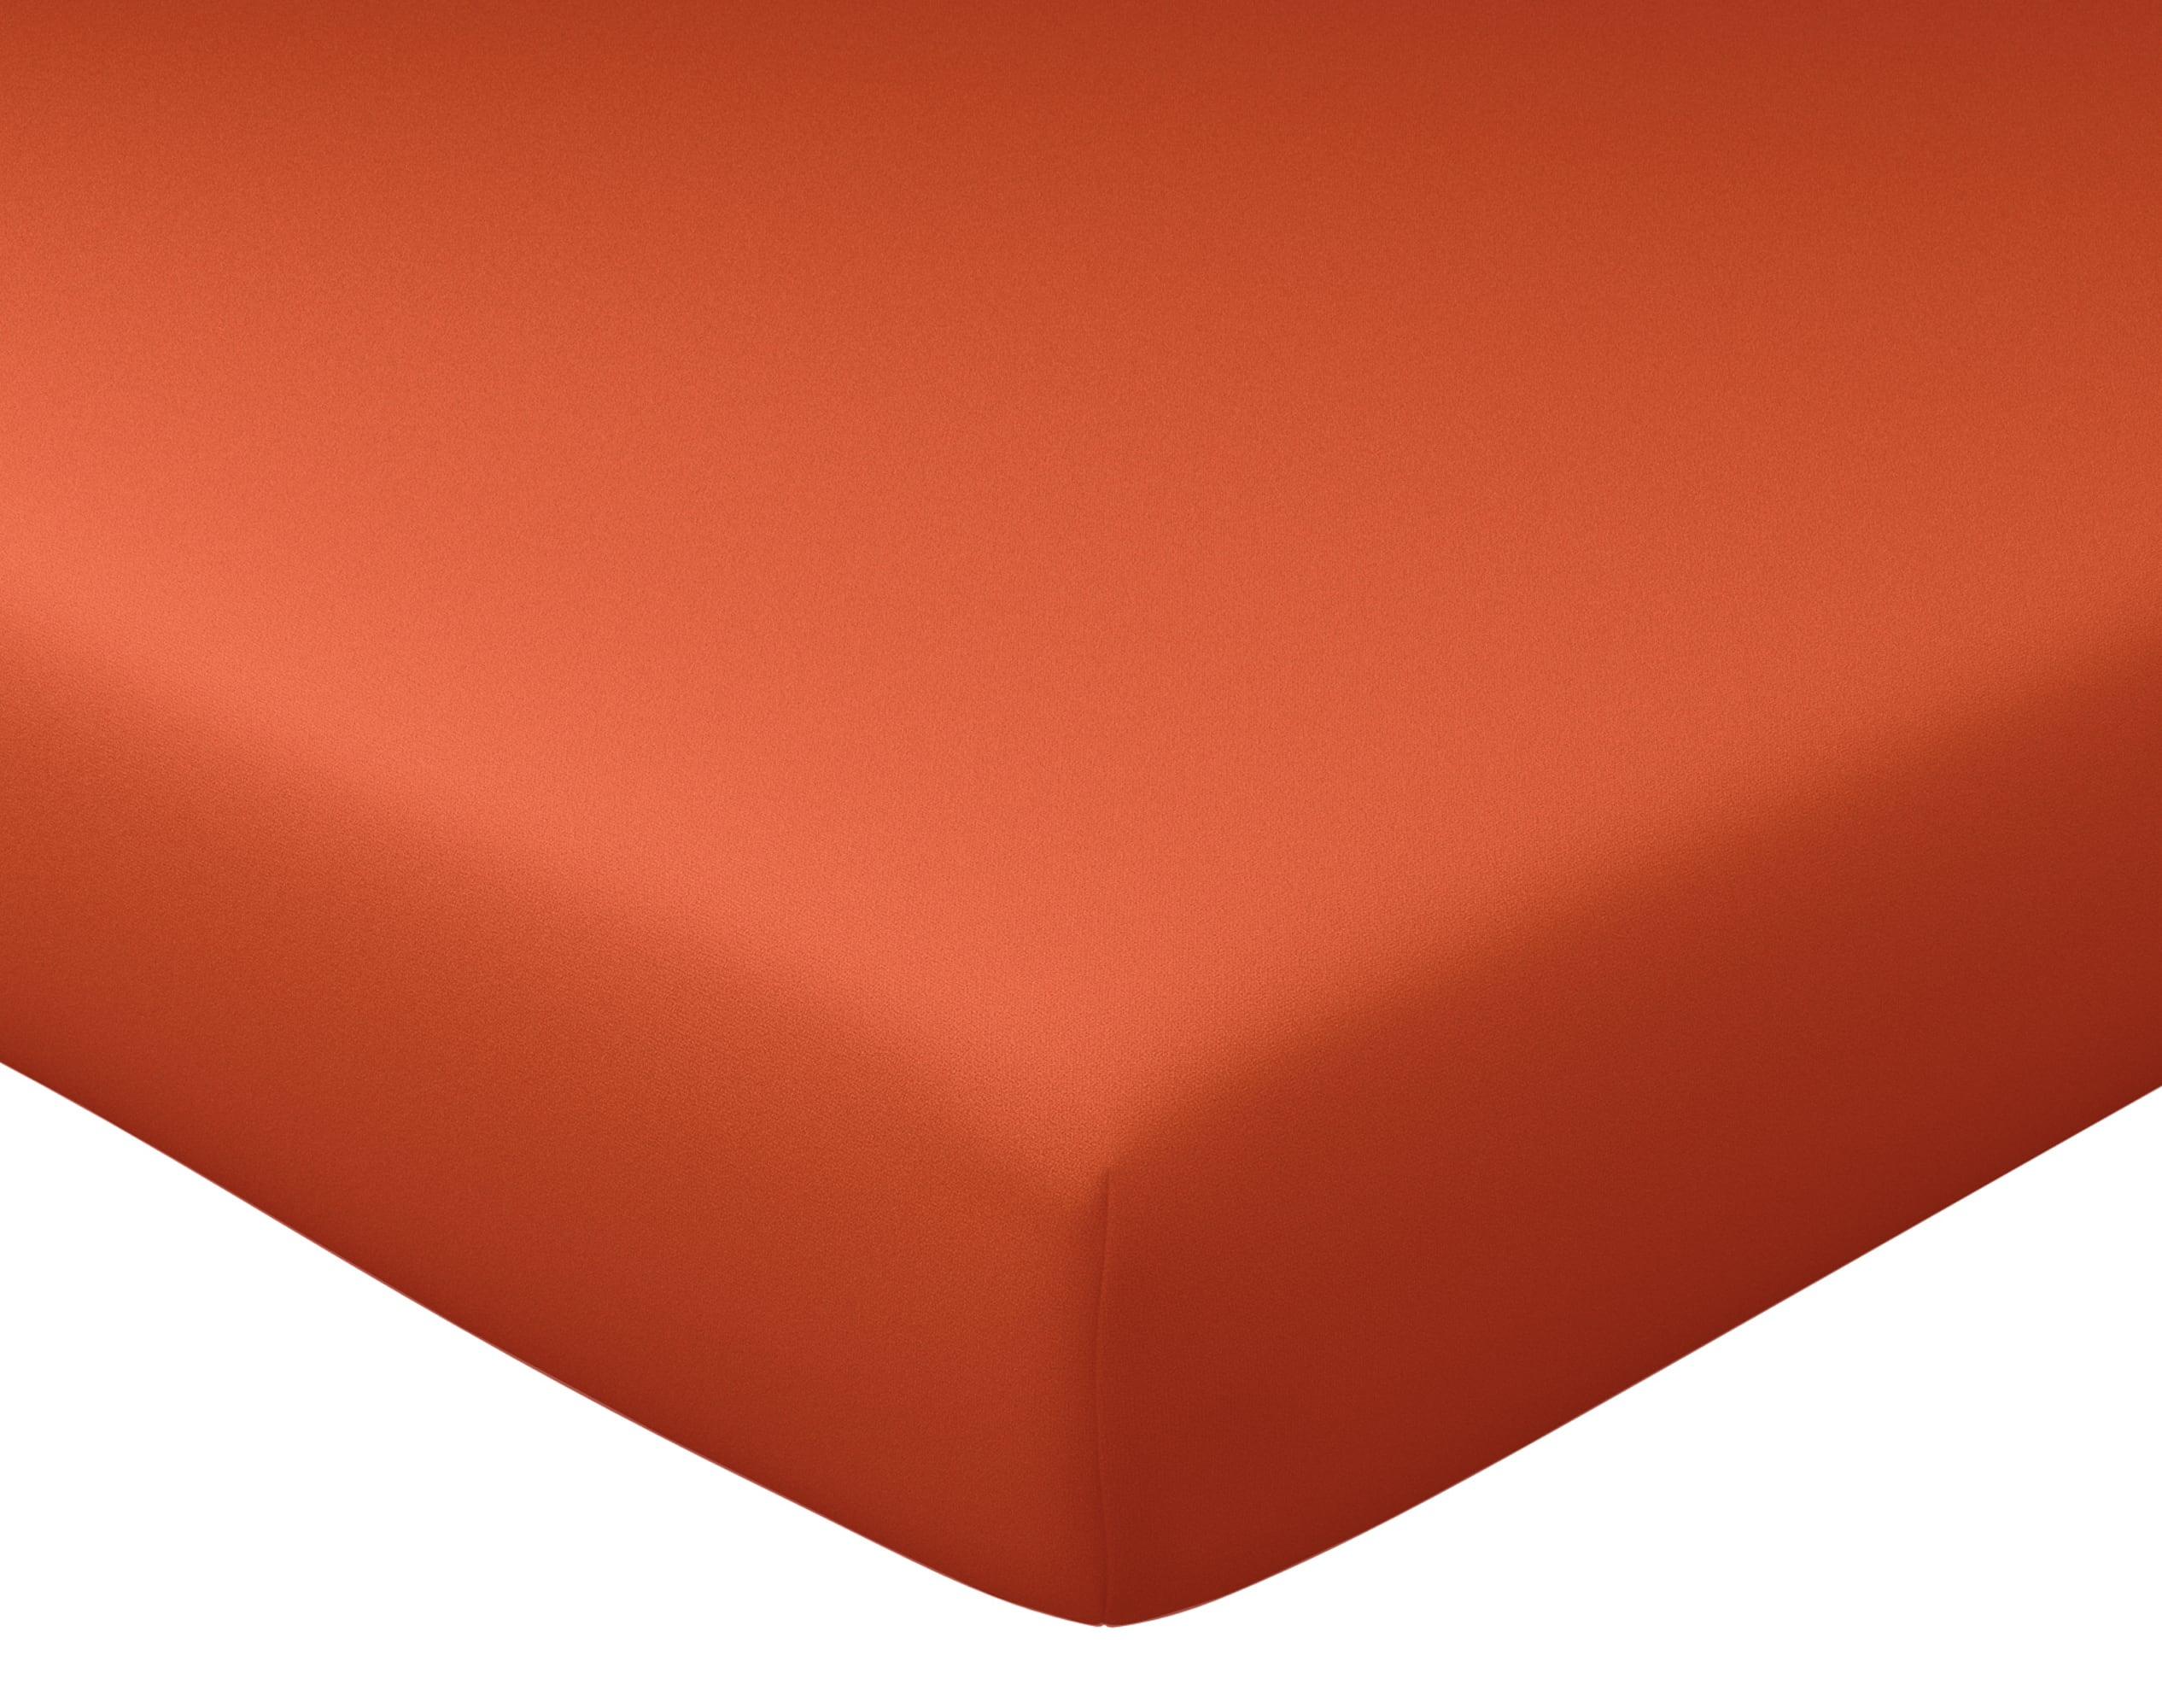 Drap-housse 180x200 en percale de coton  orange terracotta